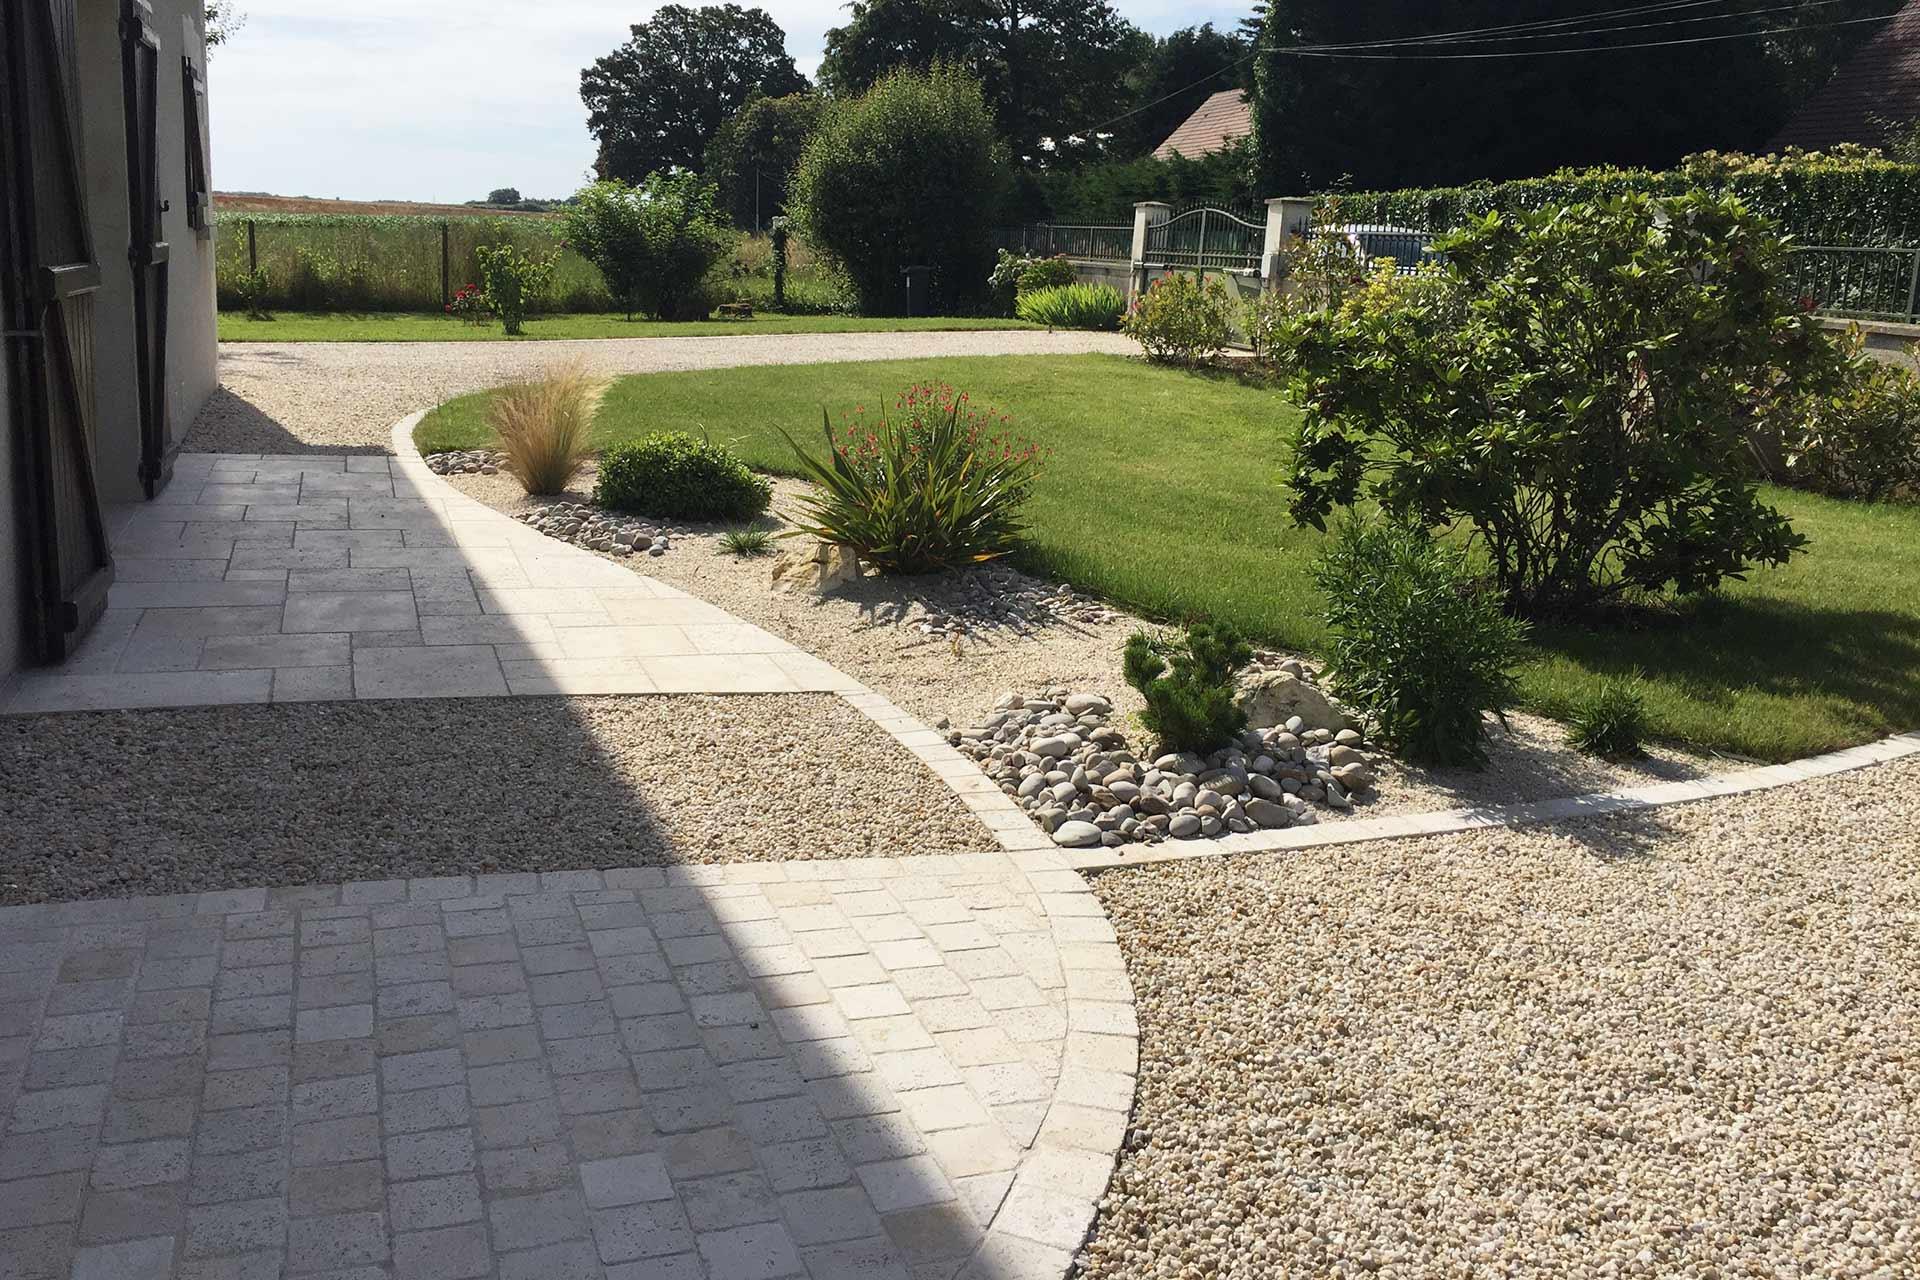 Serrault Jardins paysagiste à Tours, intervient également sur Fondettes, Saint Cyr sur Loire, Saint Avertin.